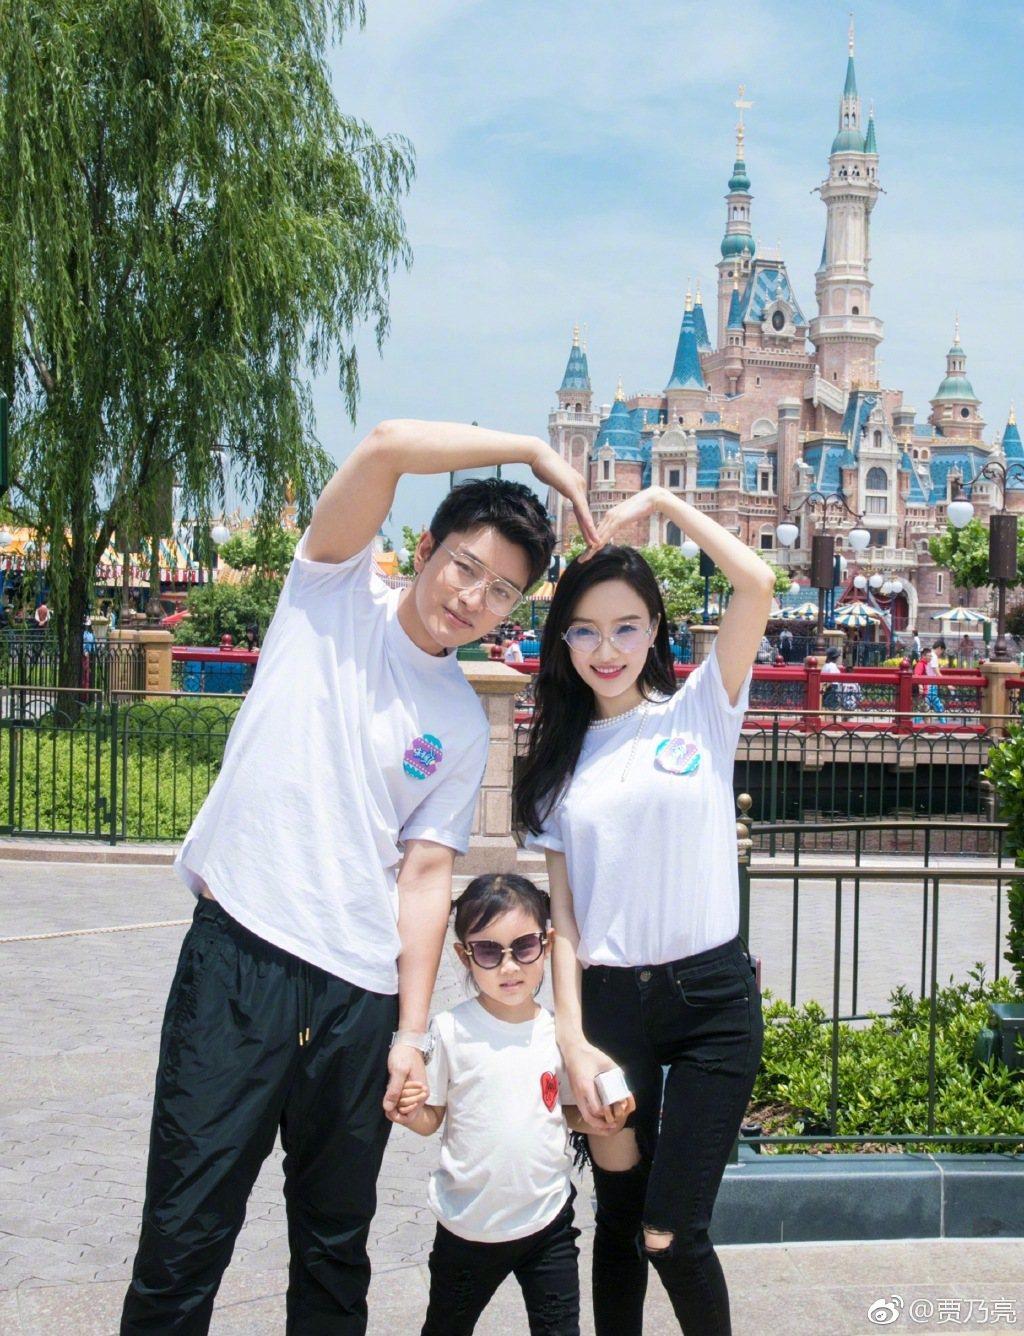 賈乃亮、李小璐夫妻育有1女,一家三口很幸福。圖/摘自賈乃亮微博